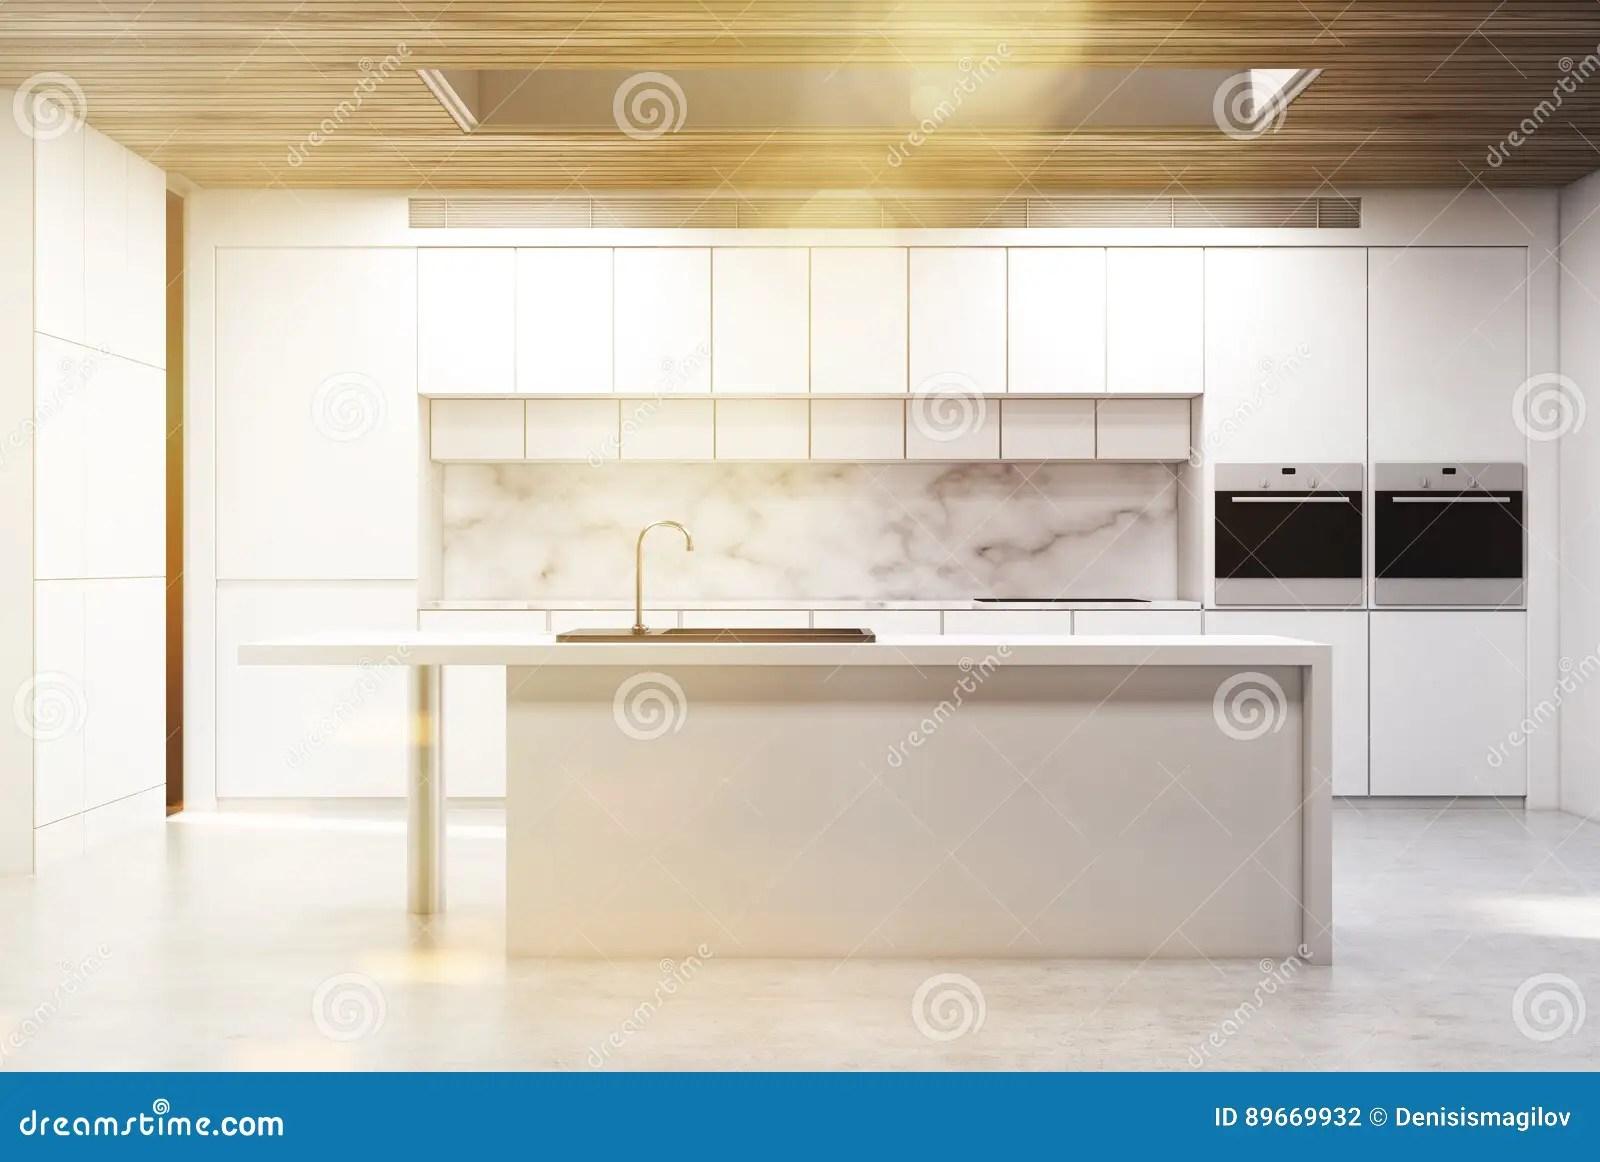 kitchen island counter remove grease buildup from cabinets 厨房小岛 大理石 被定调子库存例证 插画包括有例证 国内 方便 复制 一个厨房小岛的正面图在有白色柜台和两个火炉的一个厨房里3d翻译 被定调子的图象